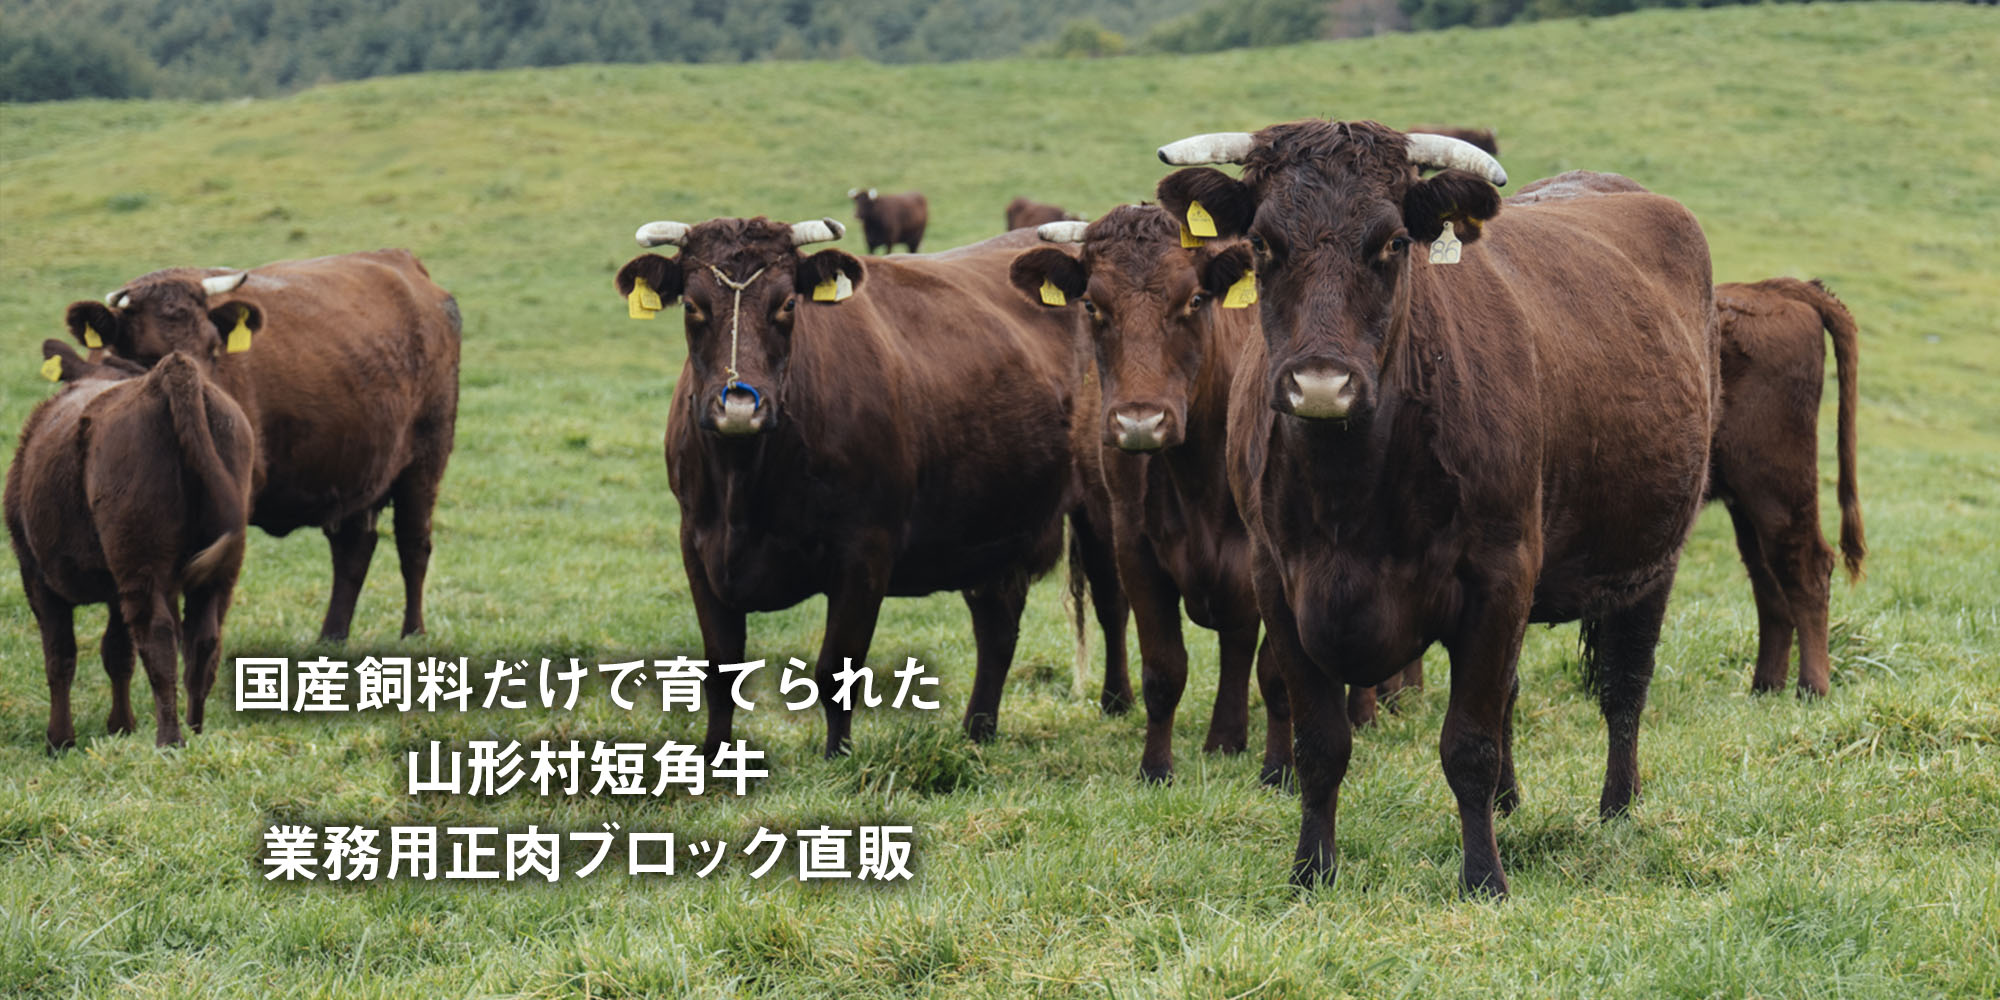 国産飼料たけで育てられた山形村短角牛 業務用正肉ブロック直販